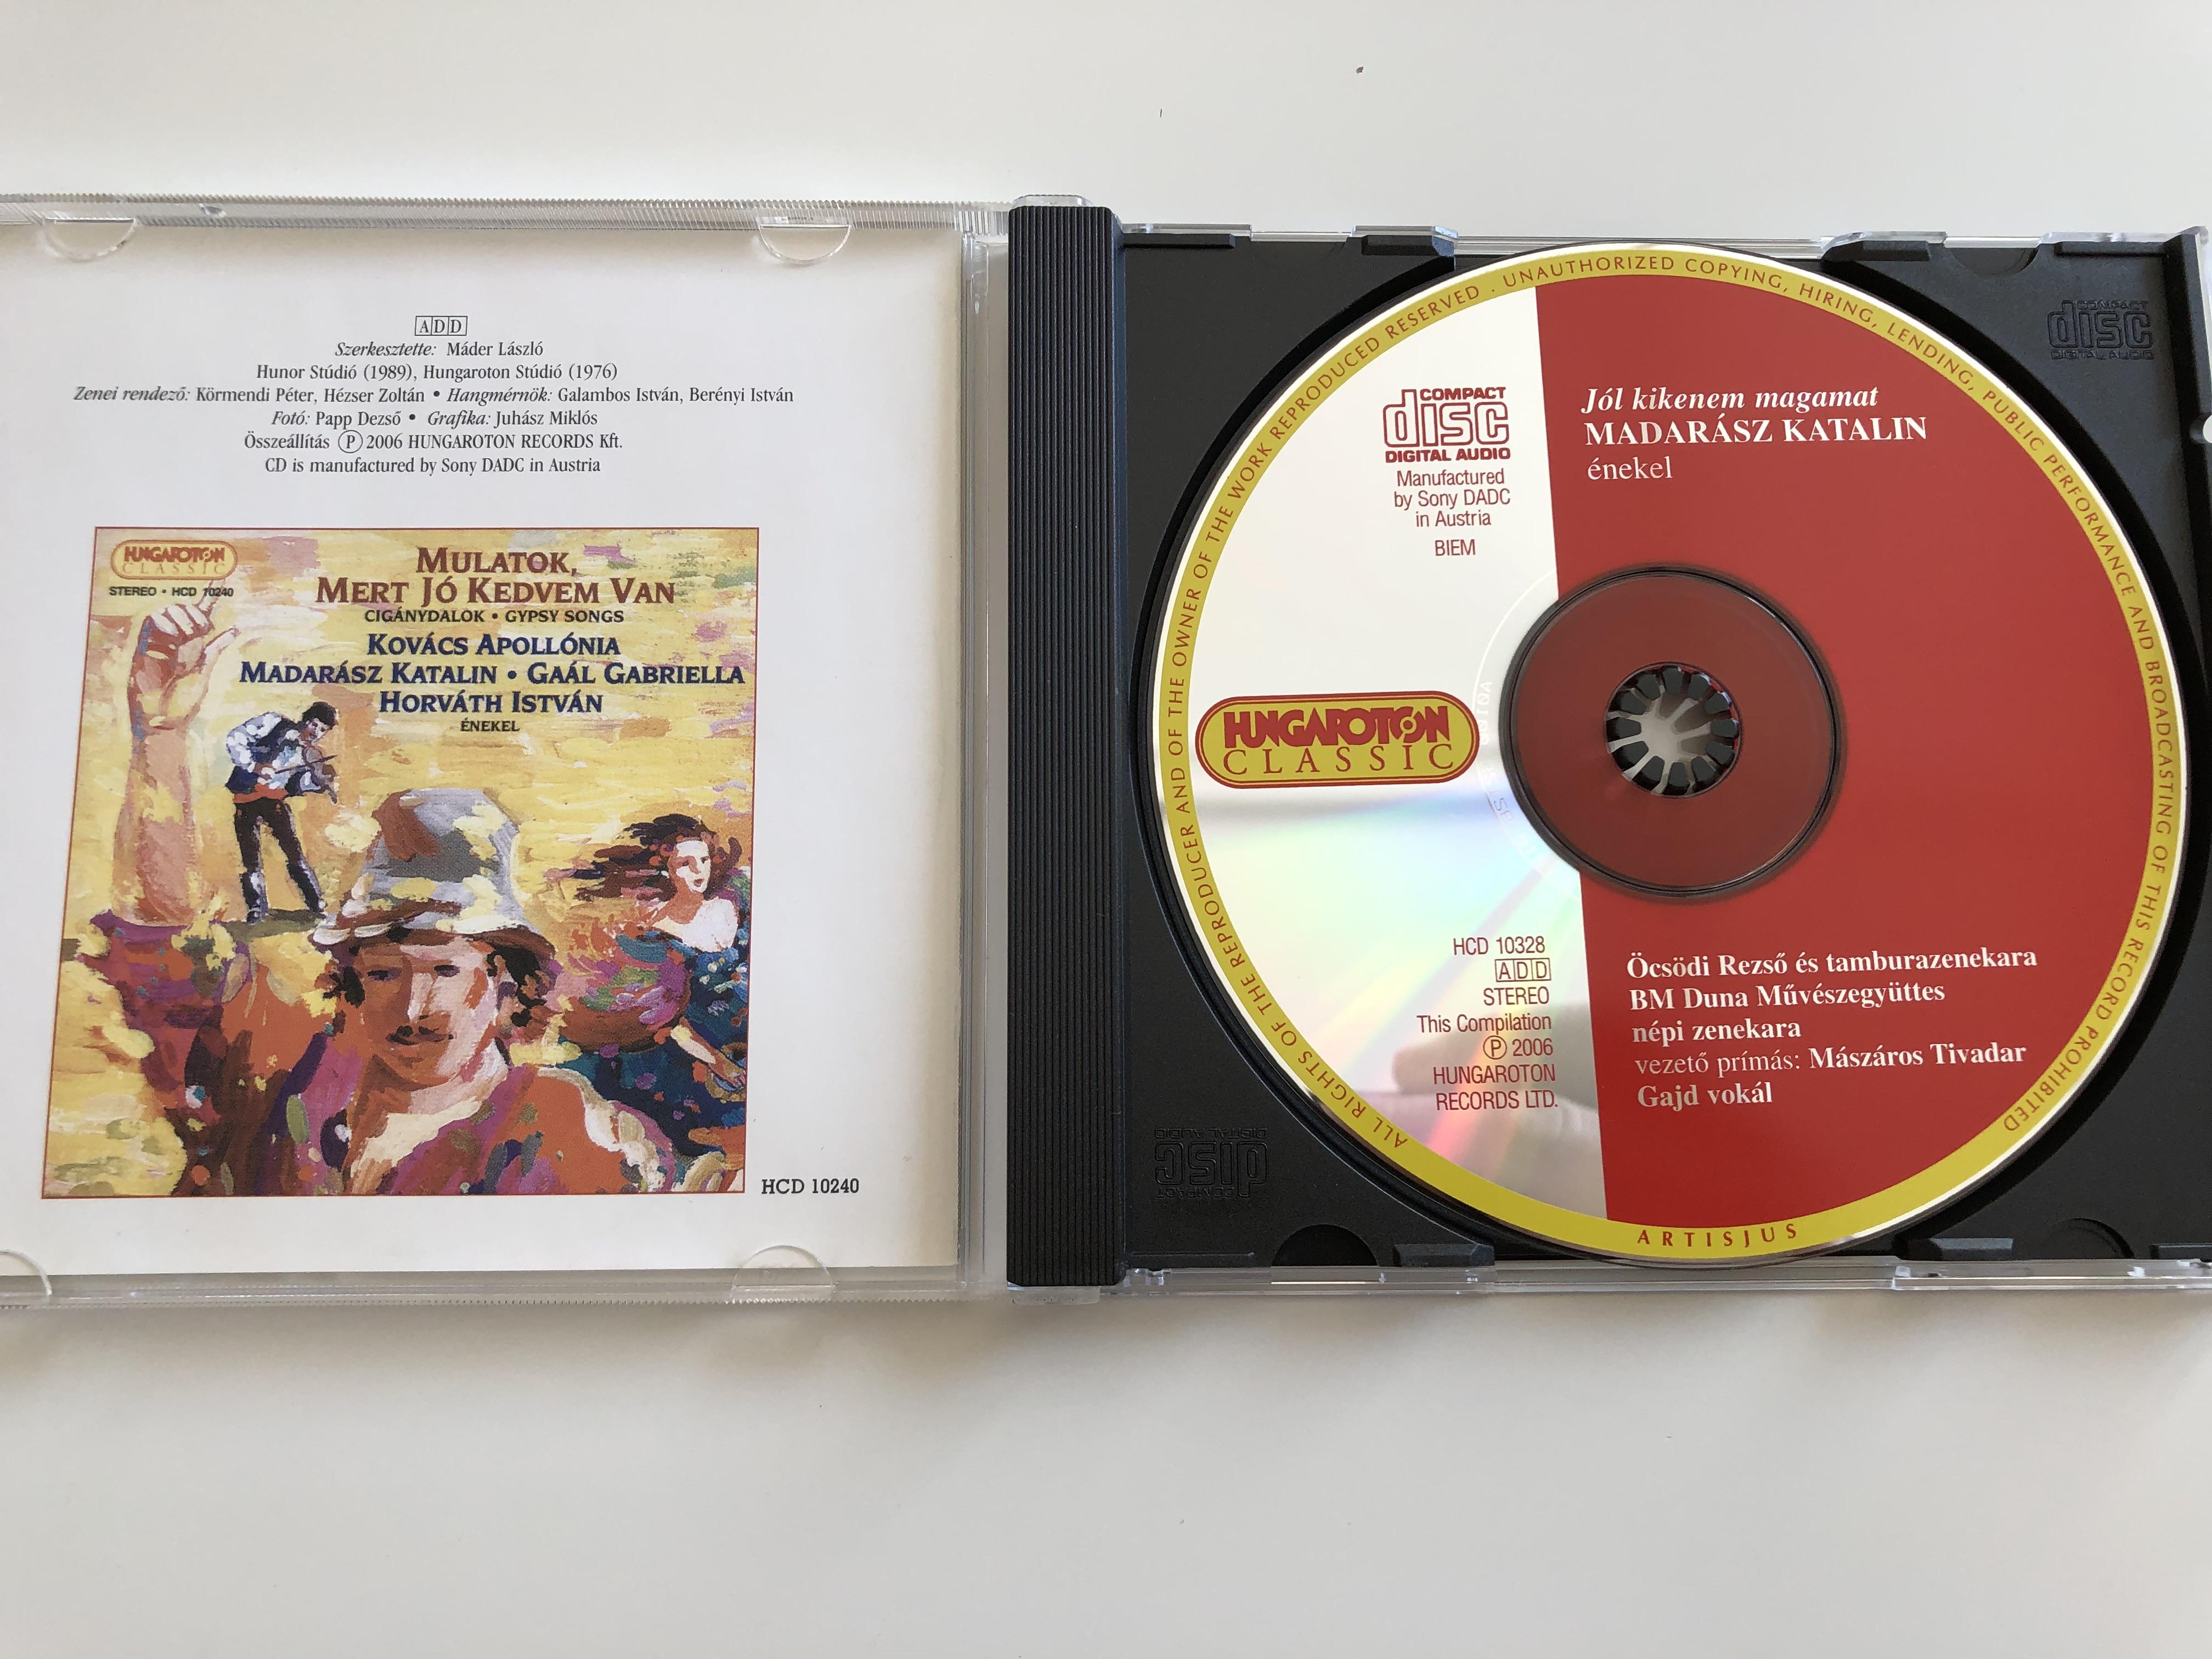 -j-l-kikenem-magamat-madar-sz-katalin-enekel-hungaroton-classic-audio-cd-2006-stereo-hcd-10328-4-.jpg